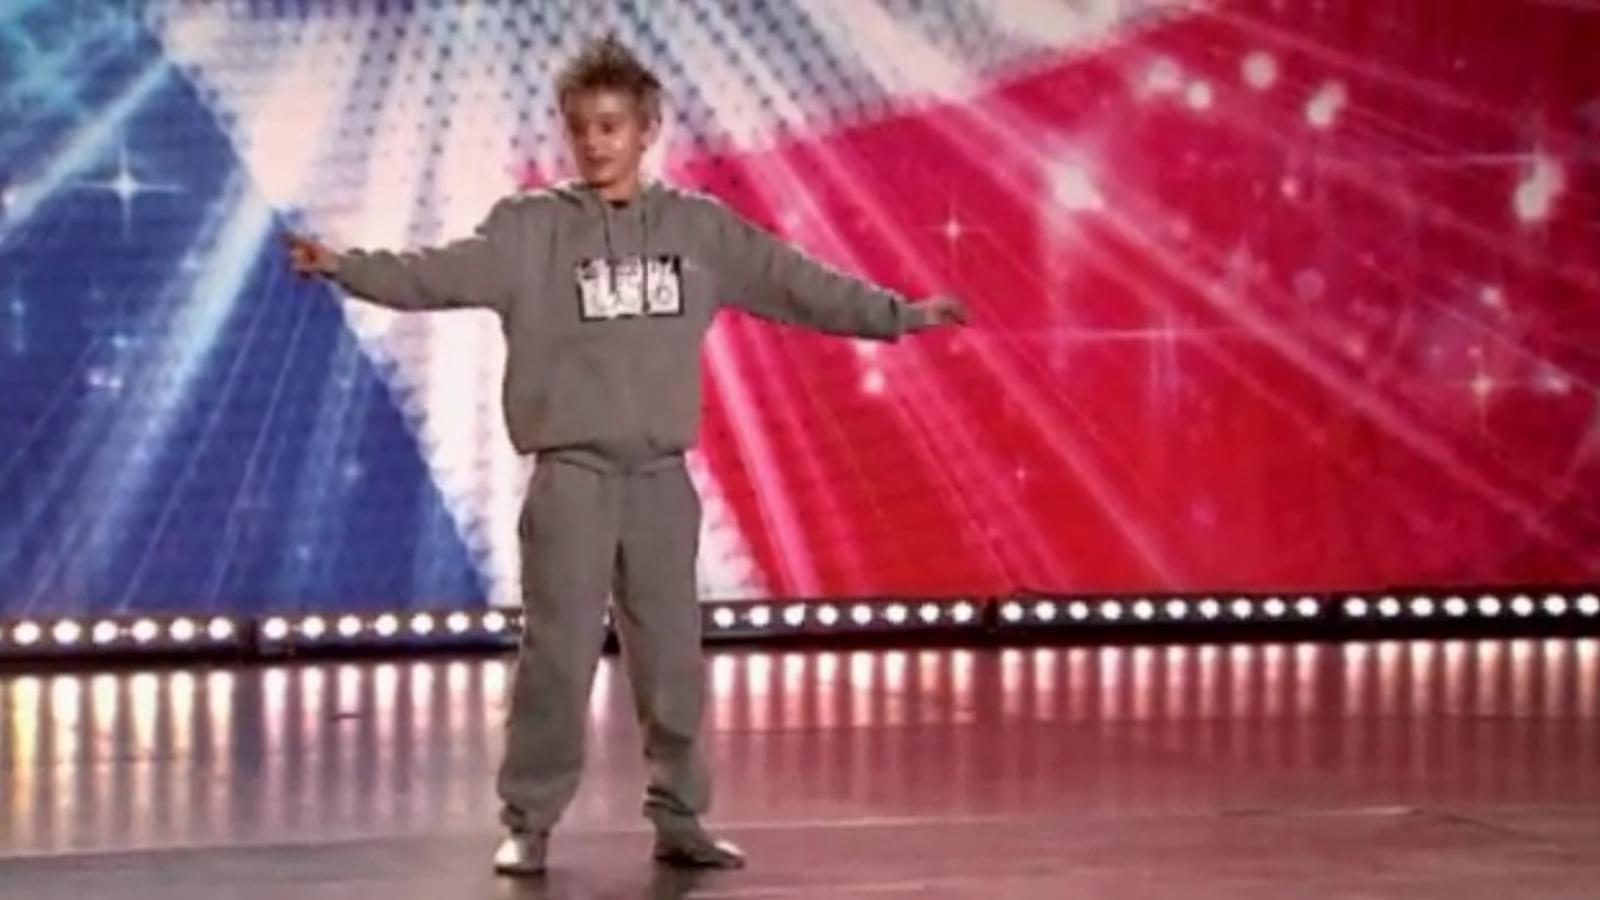 Aprendre a ballar a través de Youtube